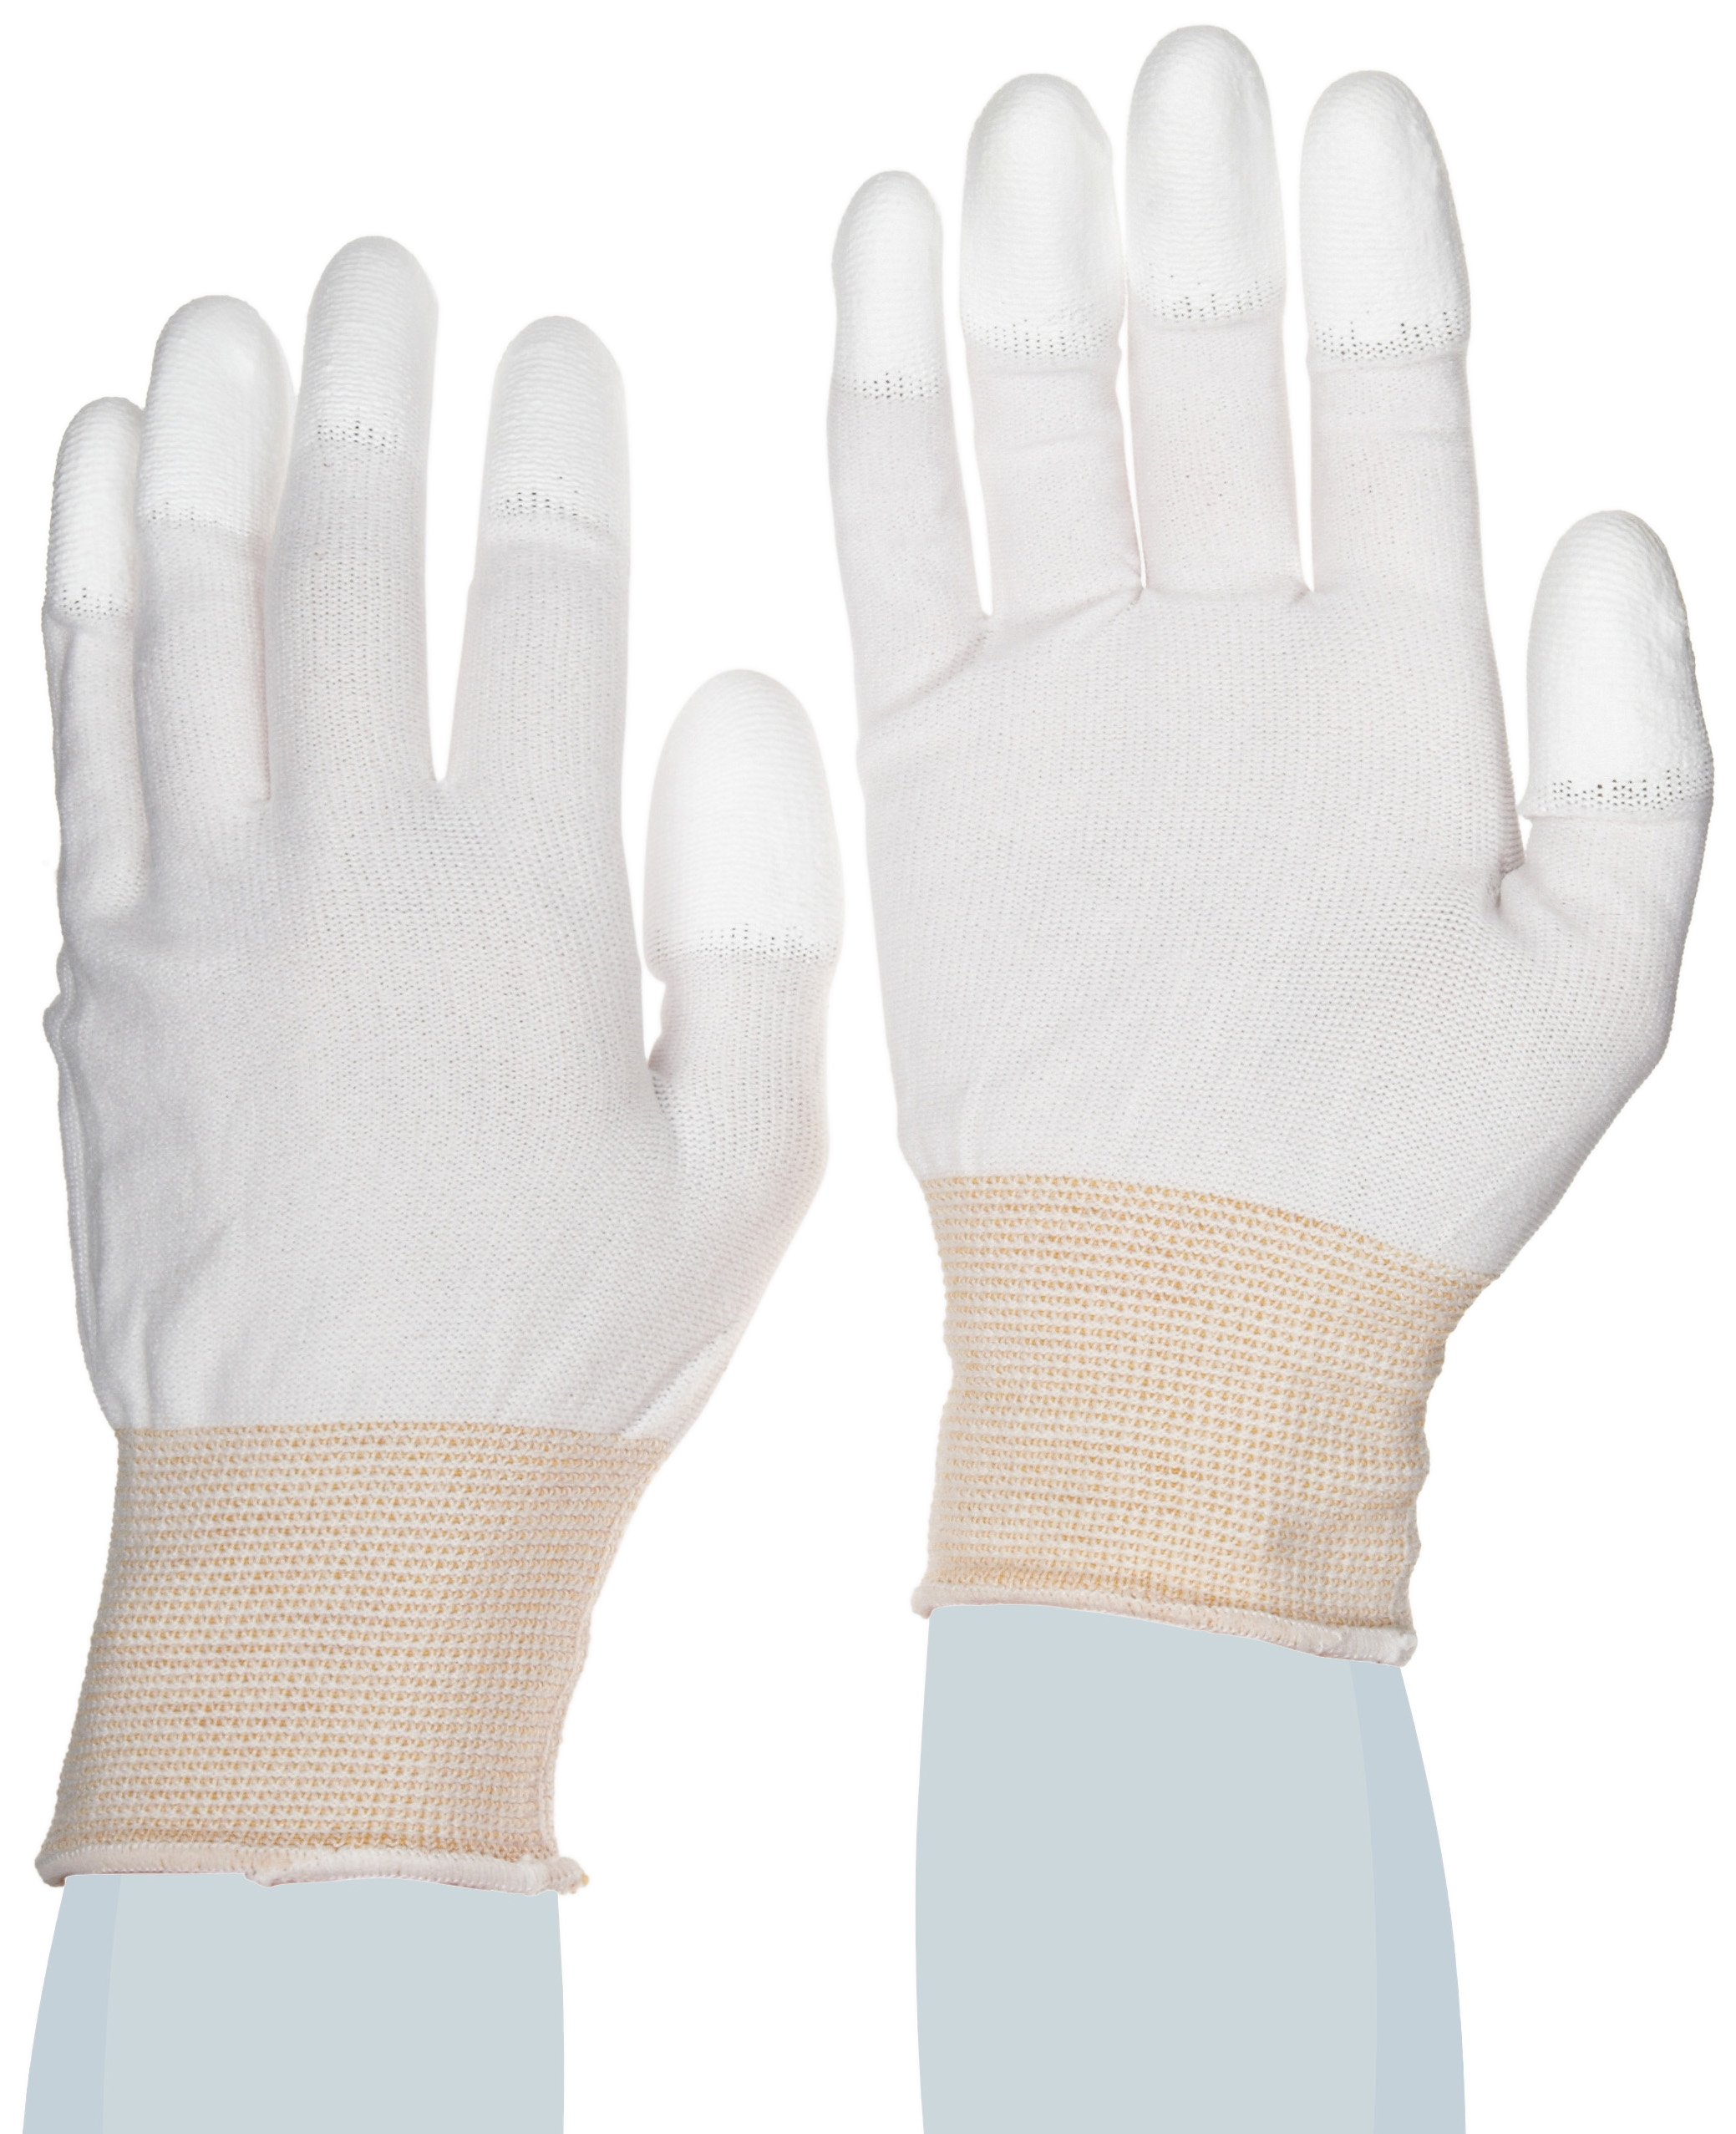 SHOWA BO600 Polyurethane Fingertip Coating Glove, 13-Gauge Engineered Nylon Liner, Small (Pack of 12 Pairs)